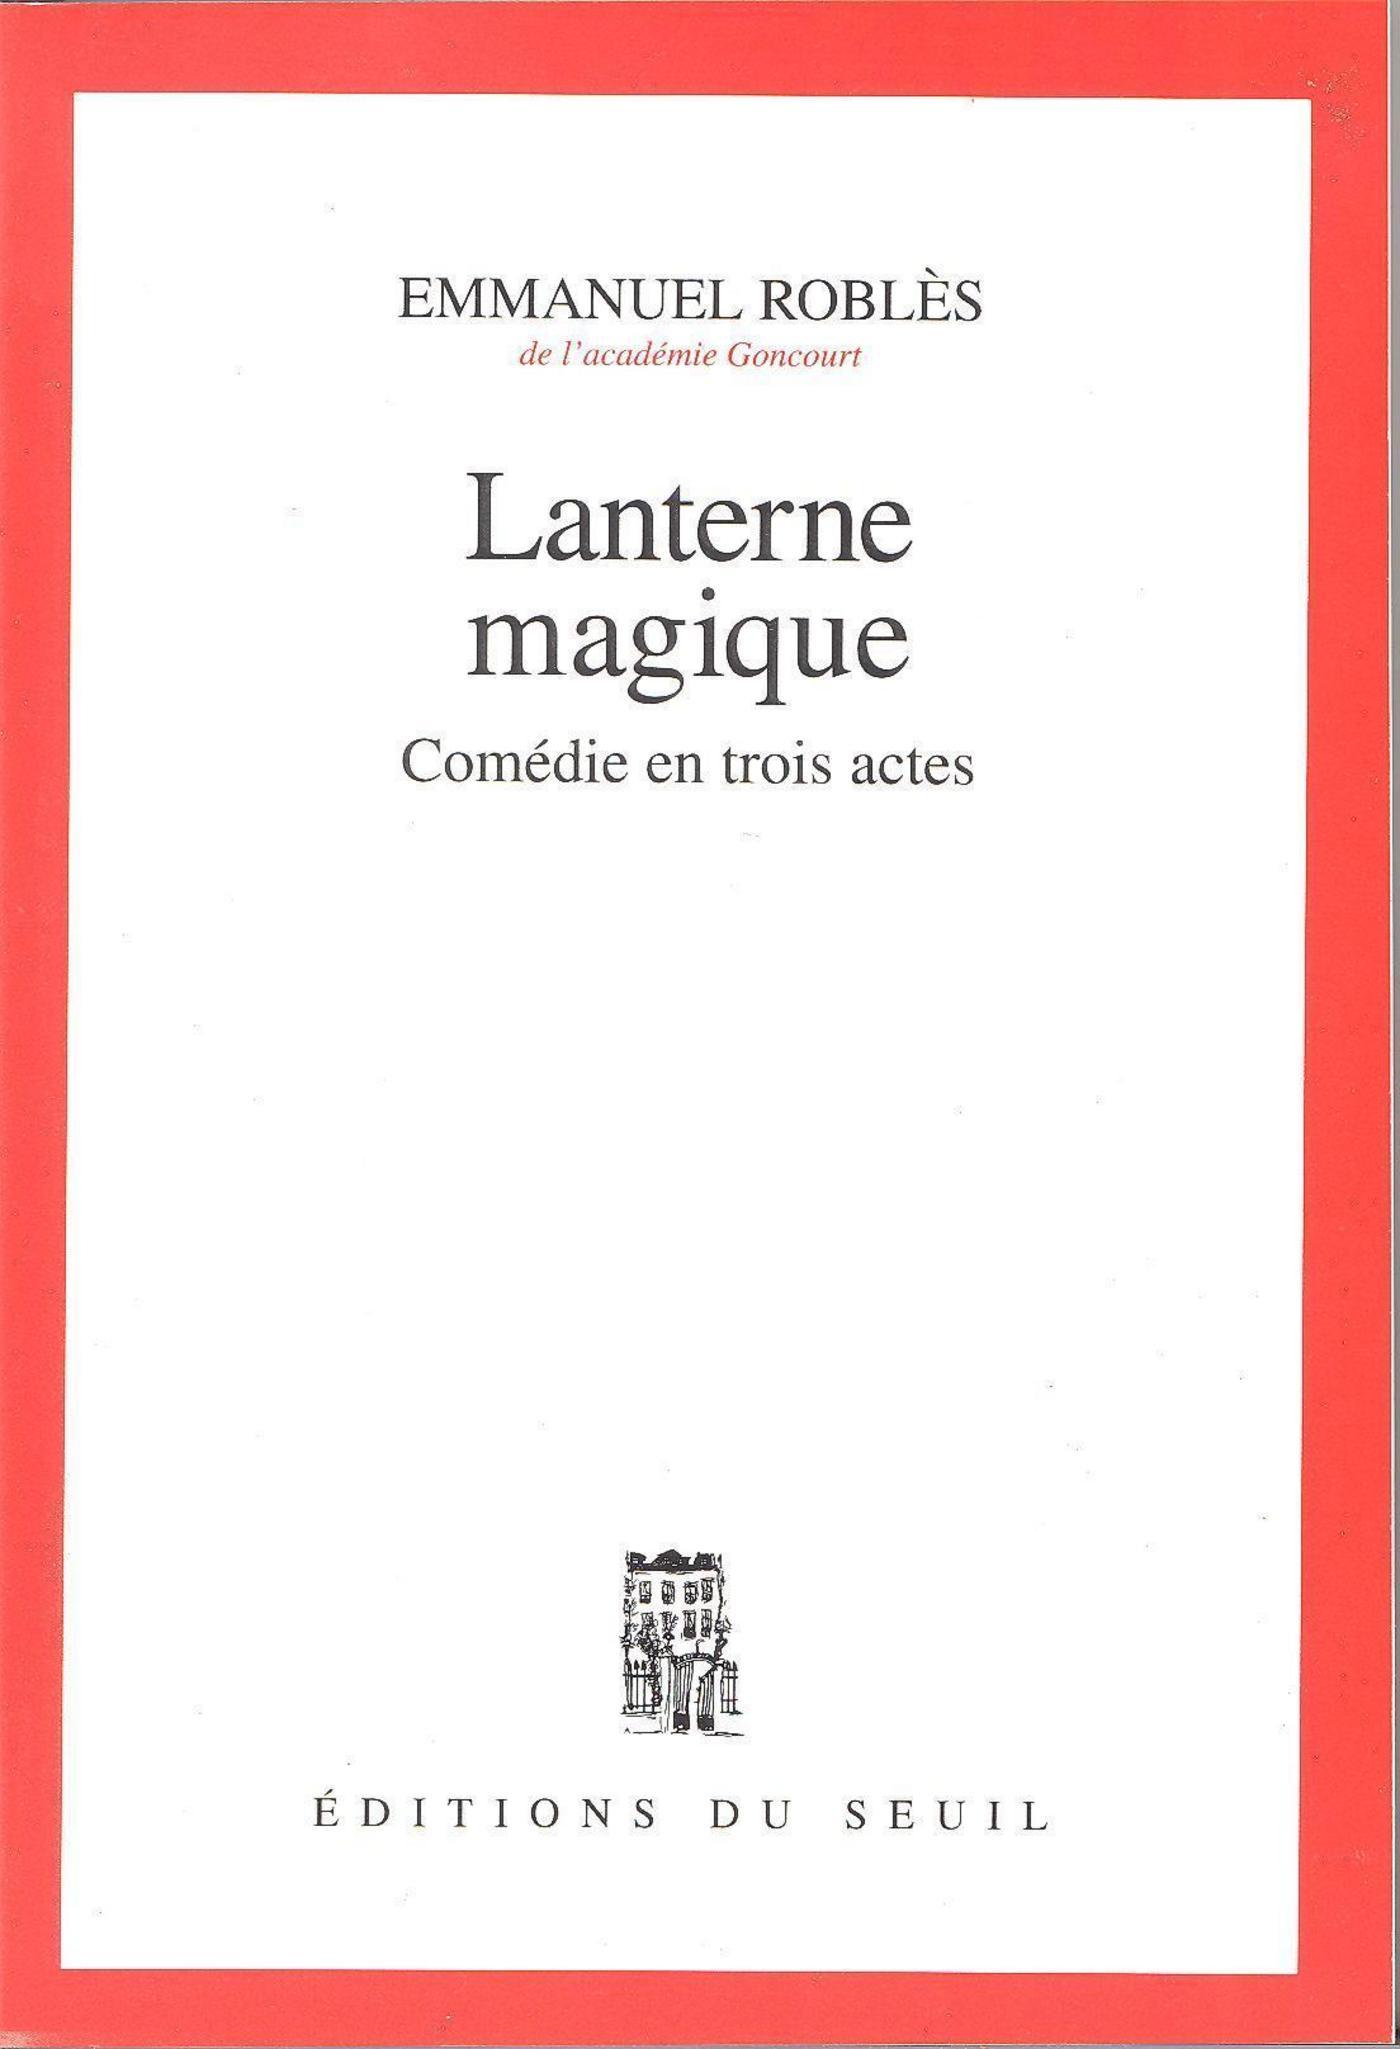 Lanterne magique. Comédie en trois actes